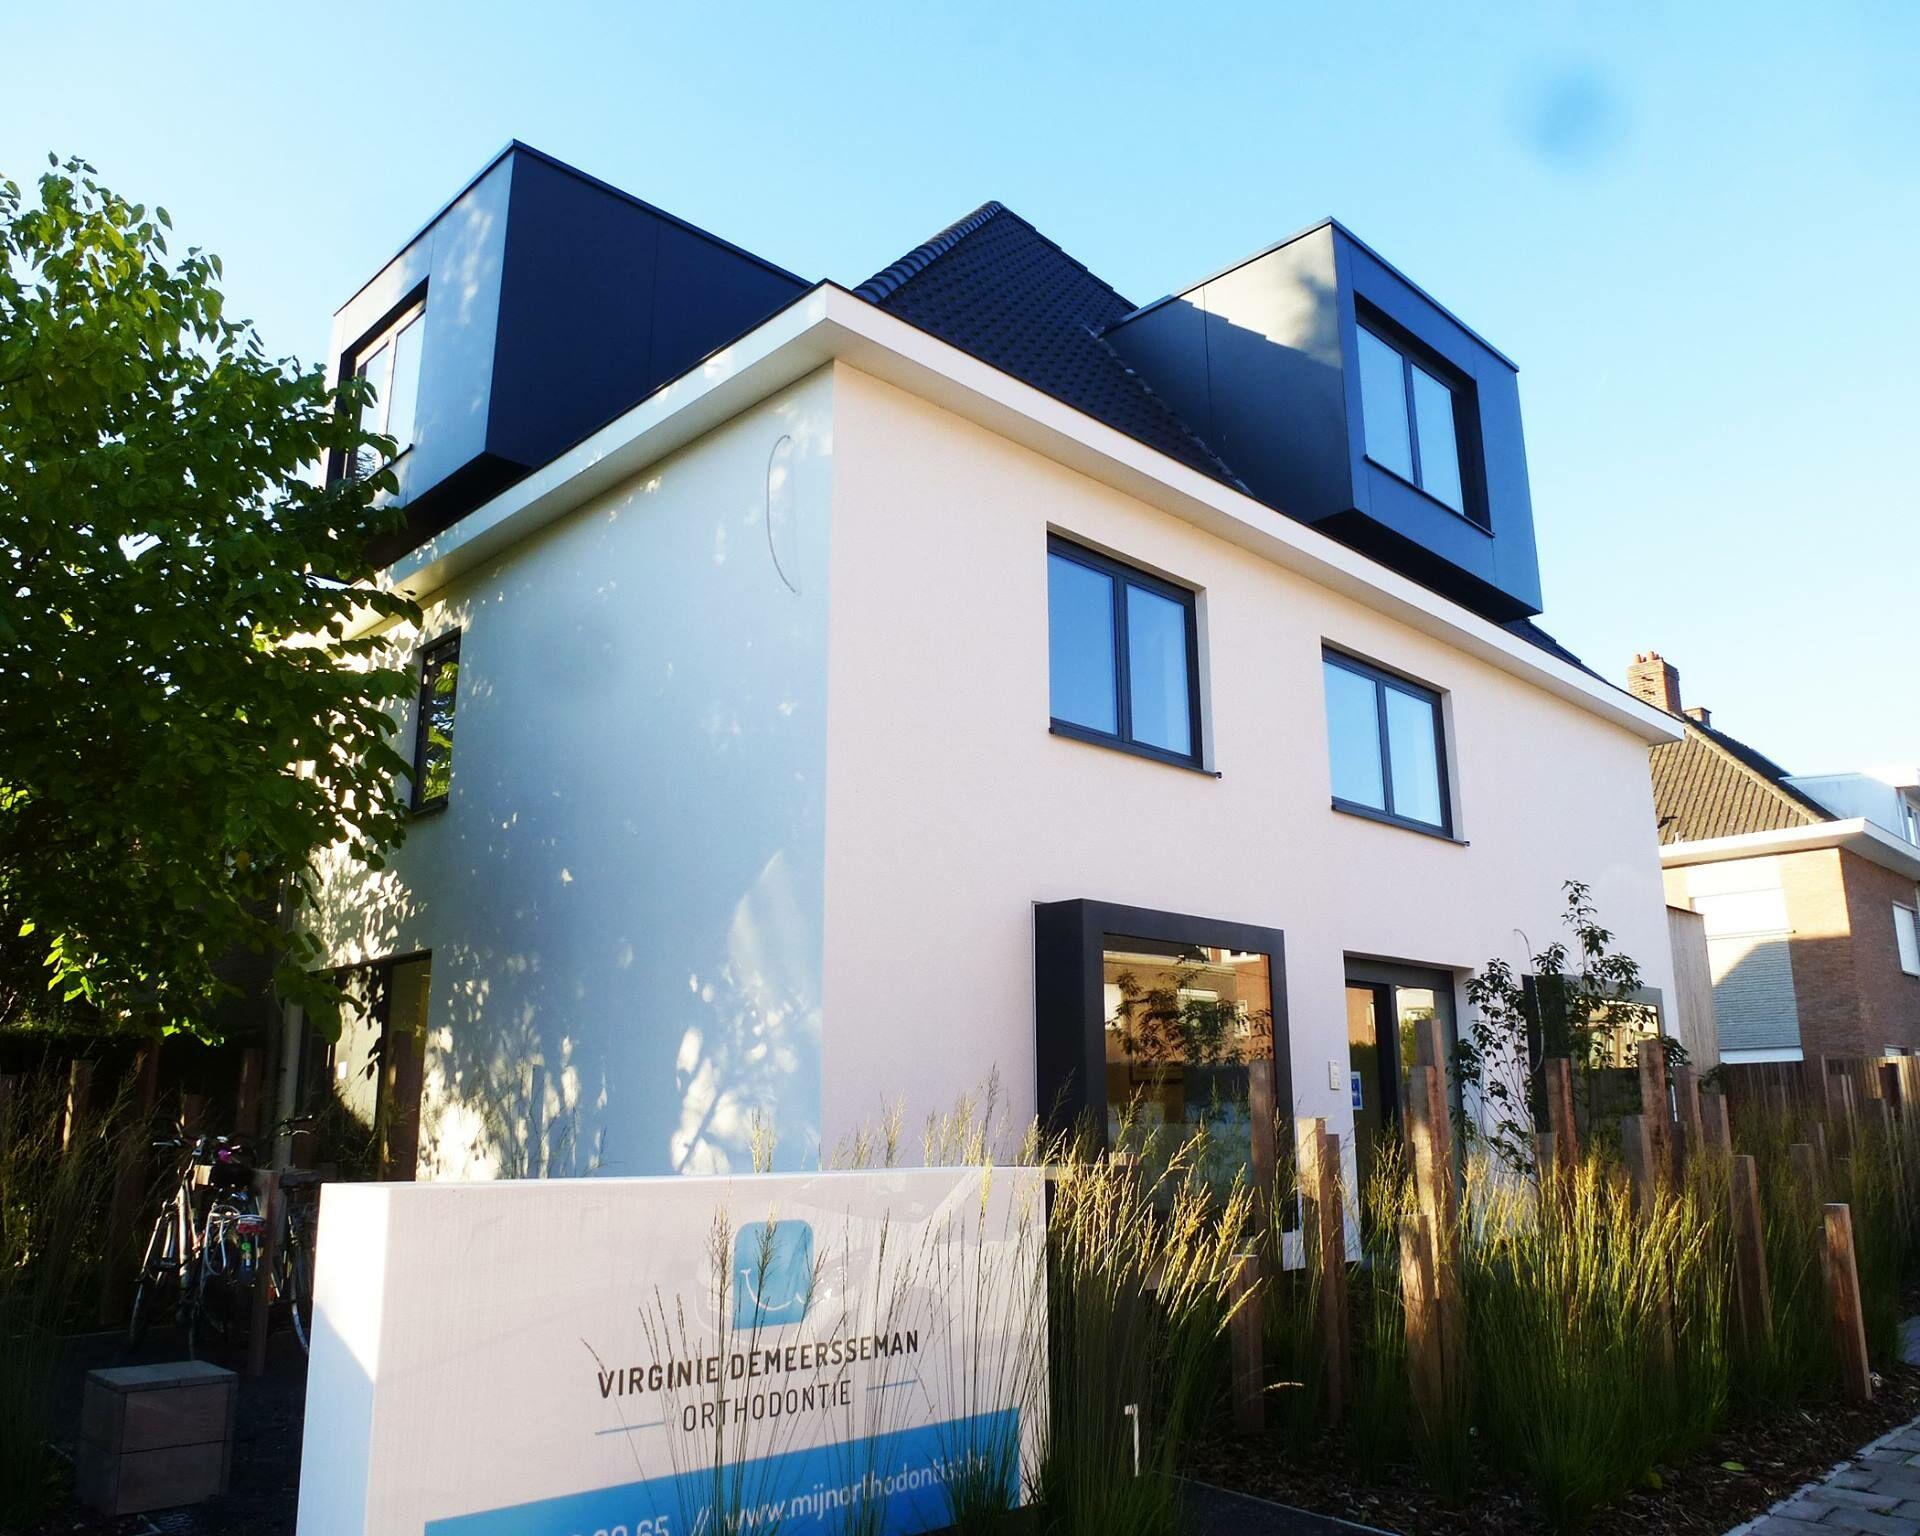 11032420 883365995074609 4163801722142715967 o uai | Baeyens & Beck architecten Gent | architect nieuwbouw renovatie interieur | high end | architectenbureau